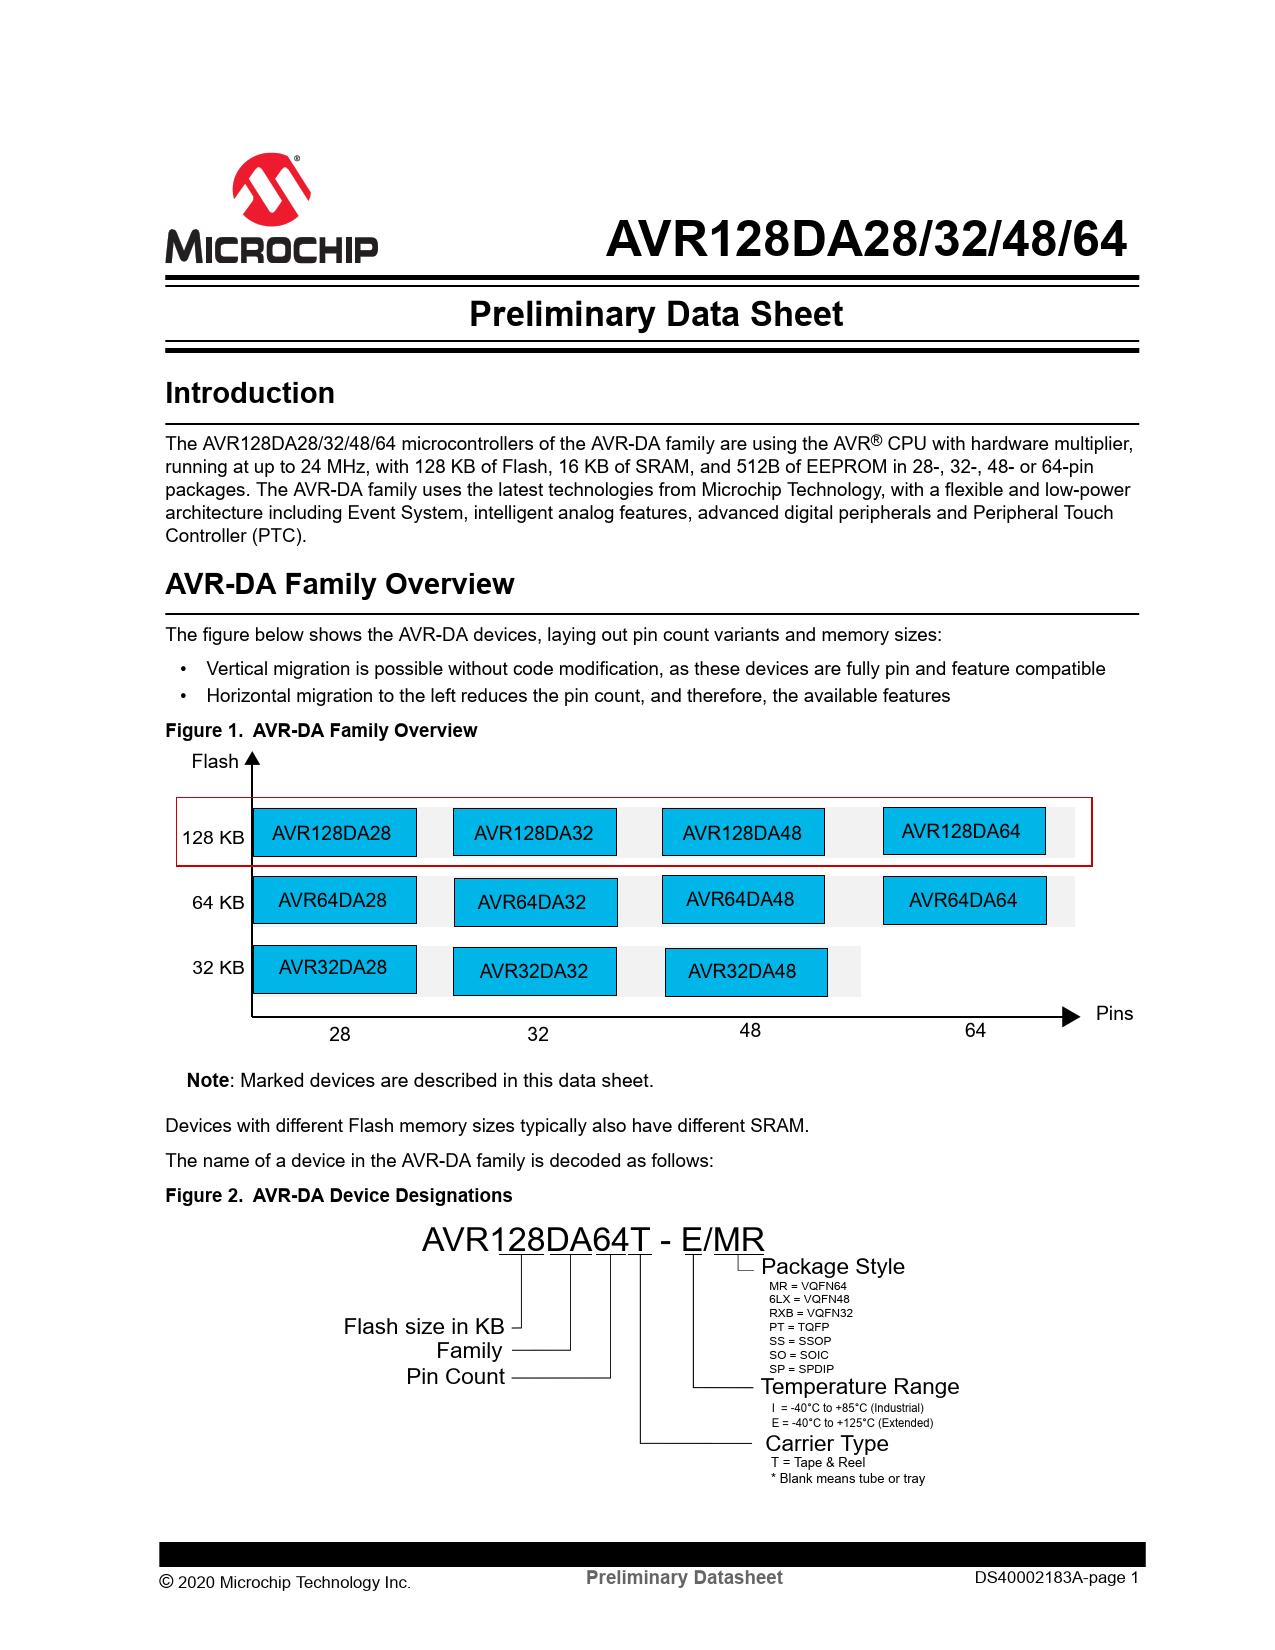 Preliminary Datasheet AVR128DA28, AVR128DA32, AVR128DA48, AVR128DA64 Microchip